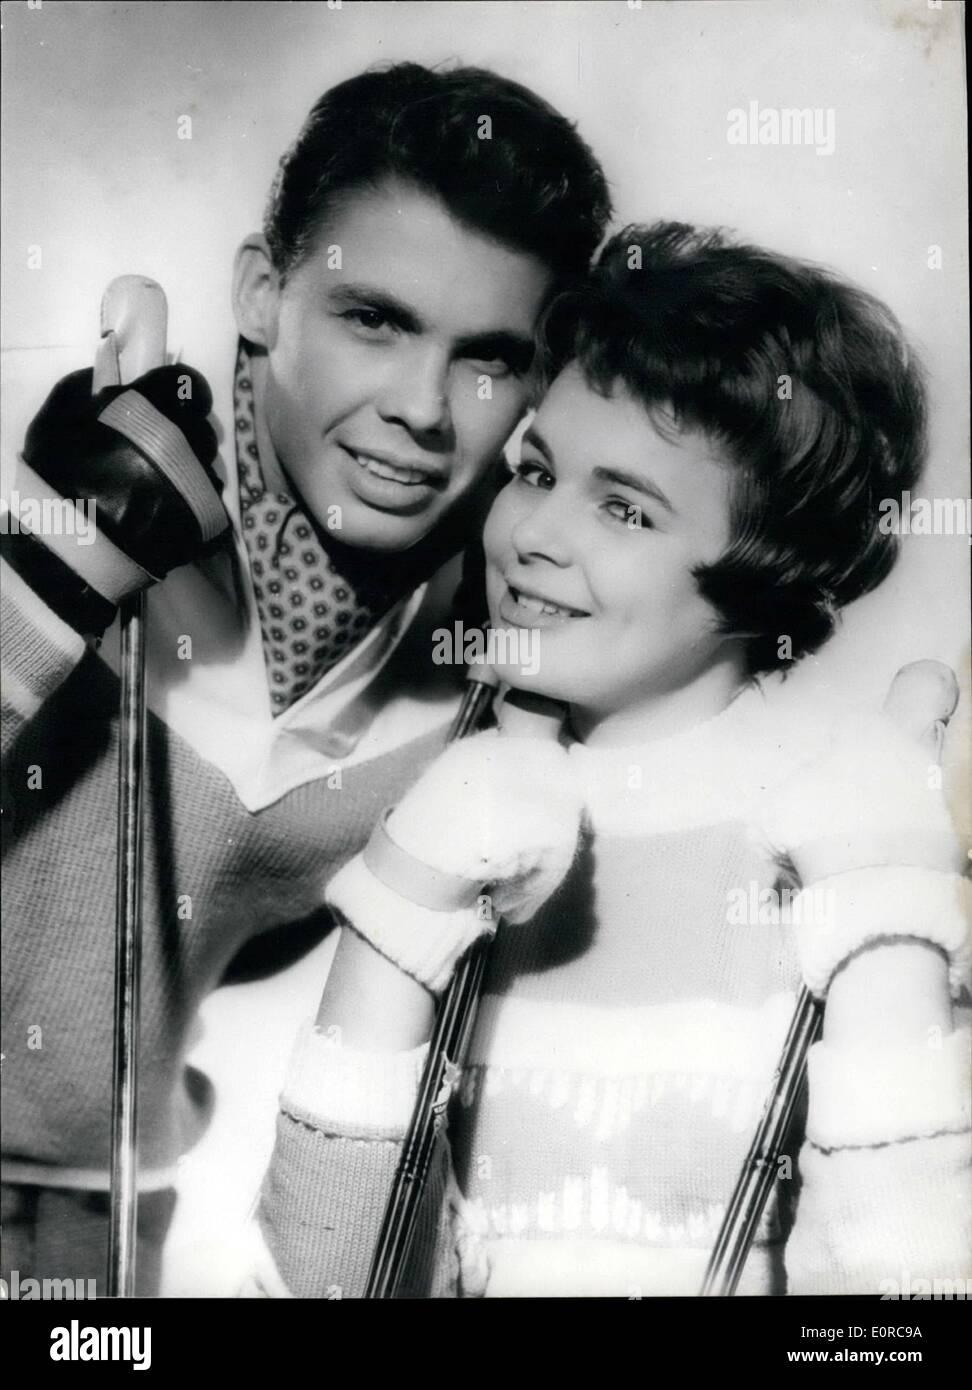 Conny Froboess Bilder dec. 12, 1958 - conny and peter: both the german teenager